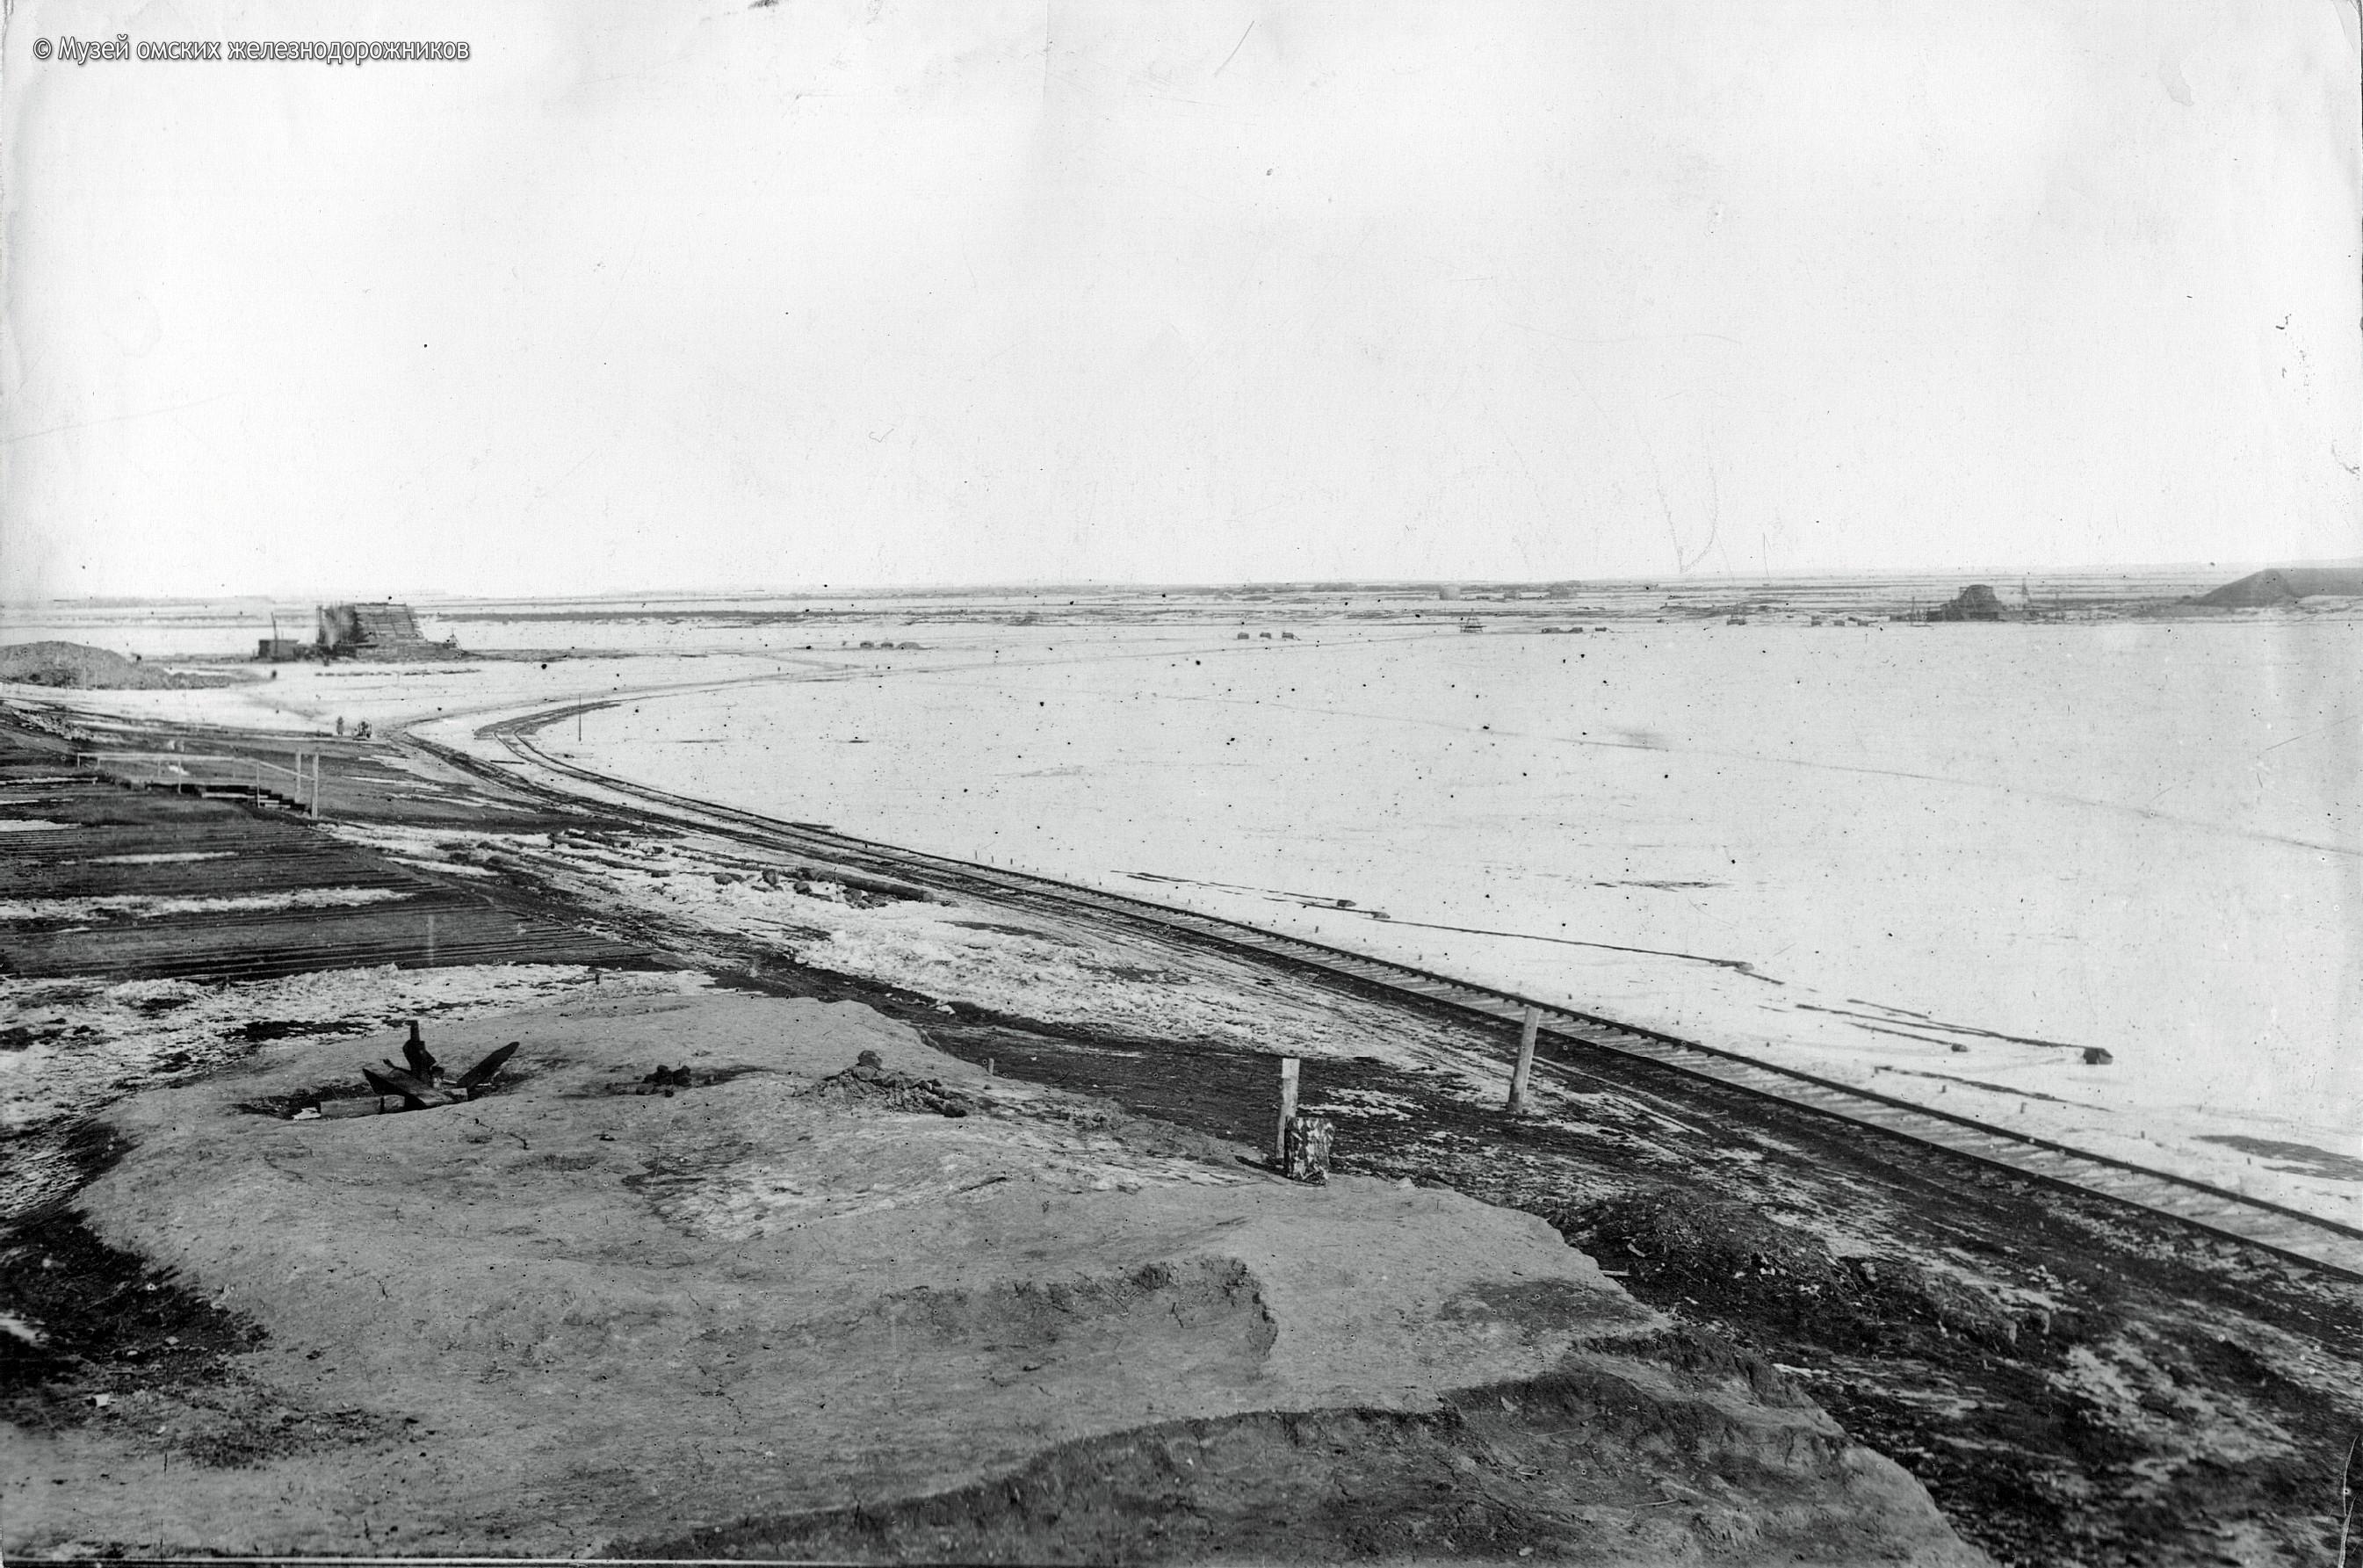 1895. Временная жд ветка по льду Иртыша на период строительства моста. Февраль